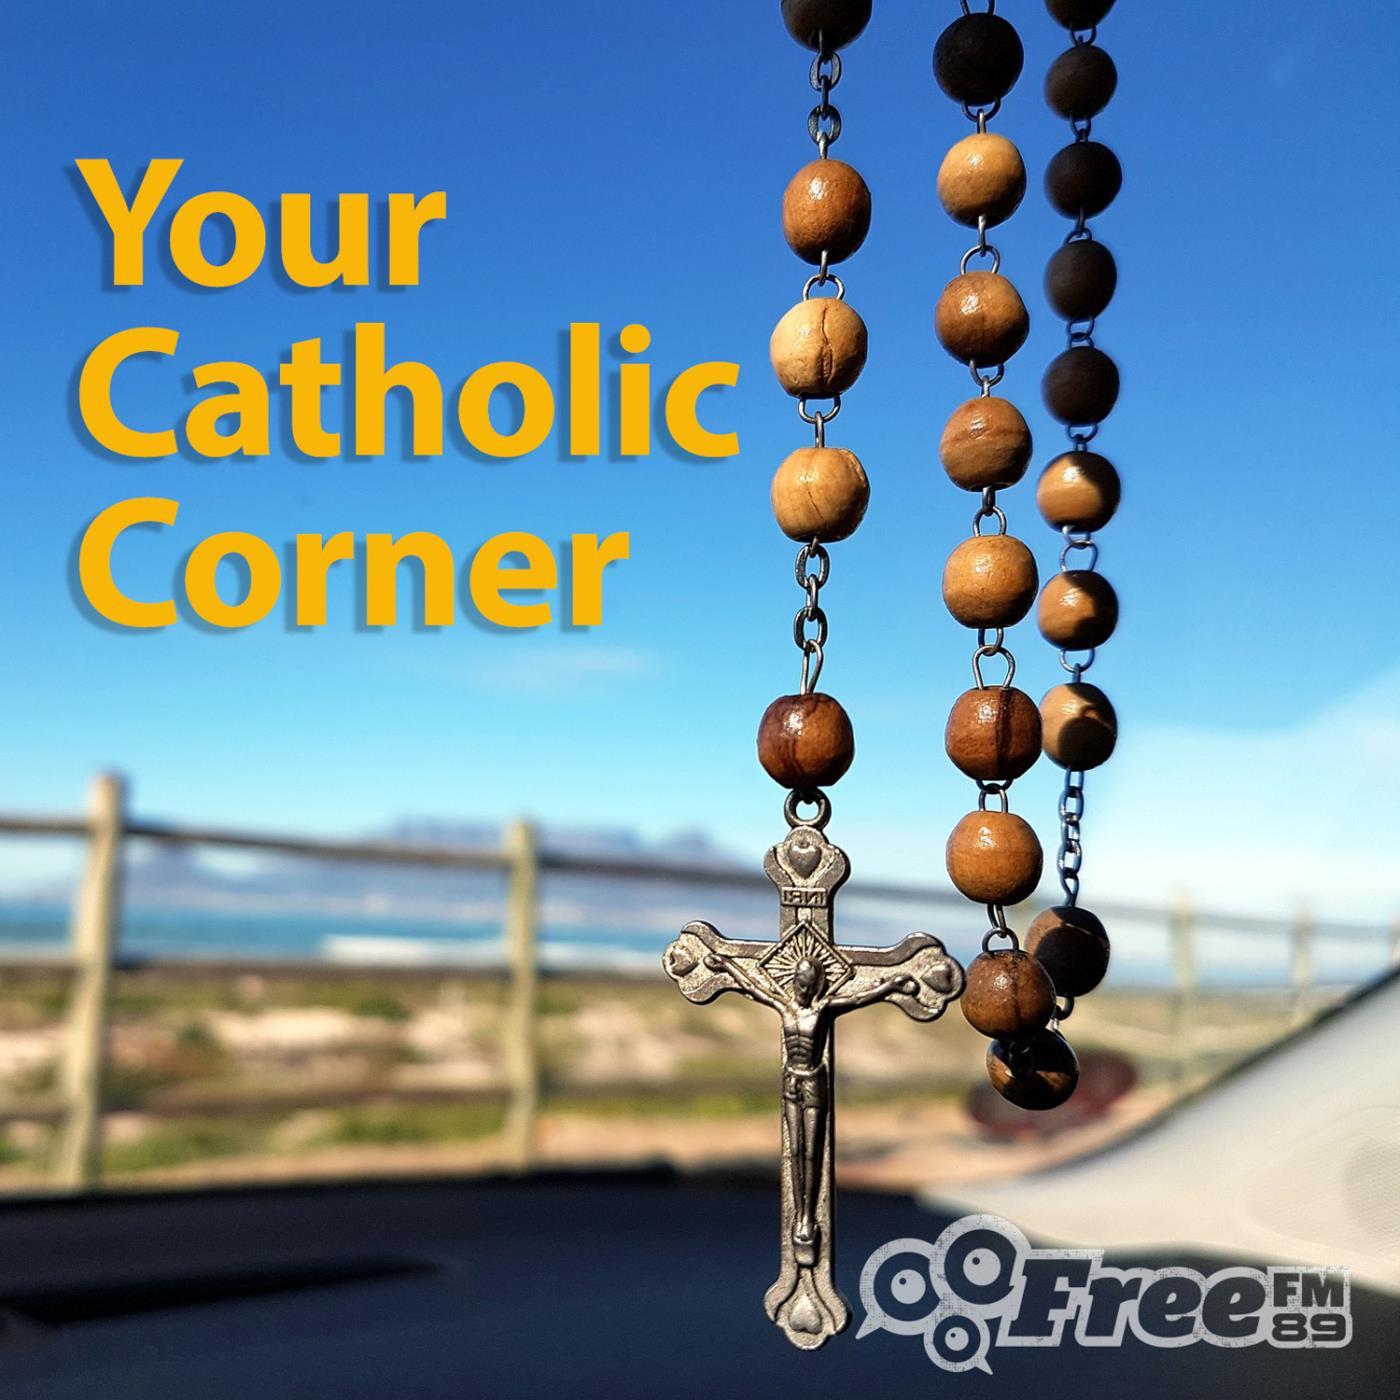 Your Catholic Corner - 26-09-2021